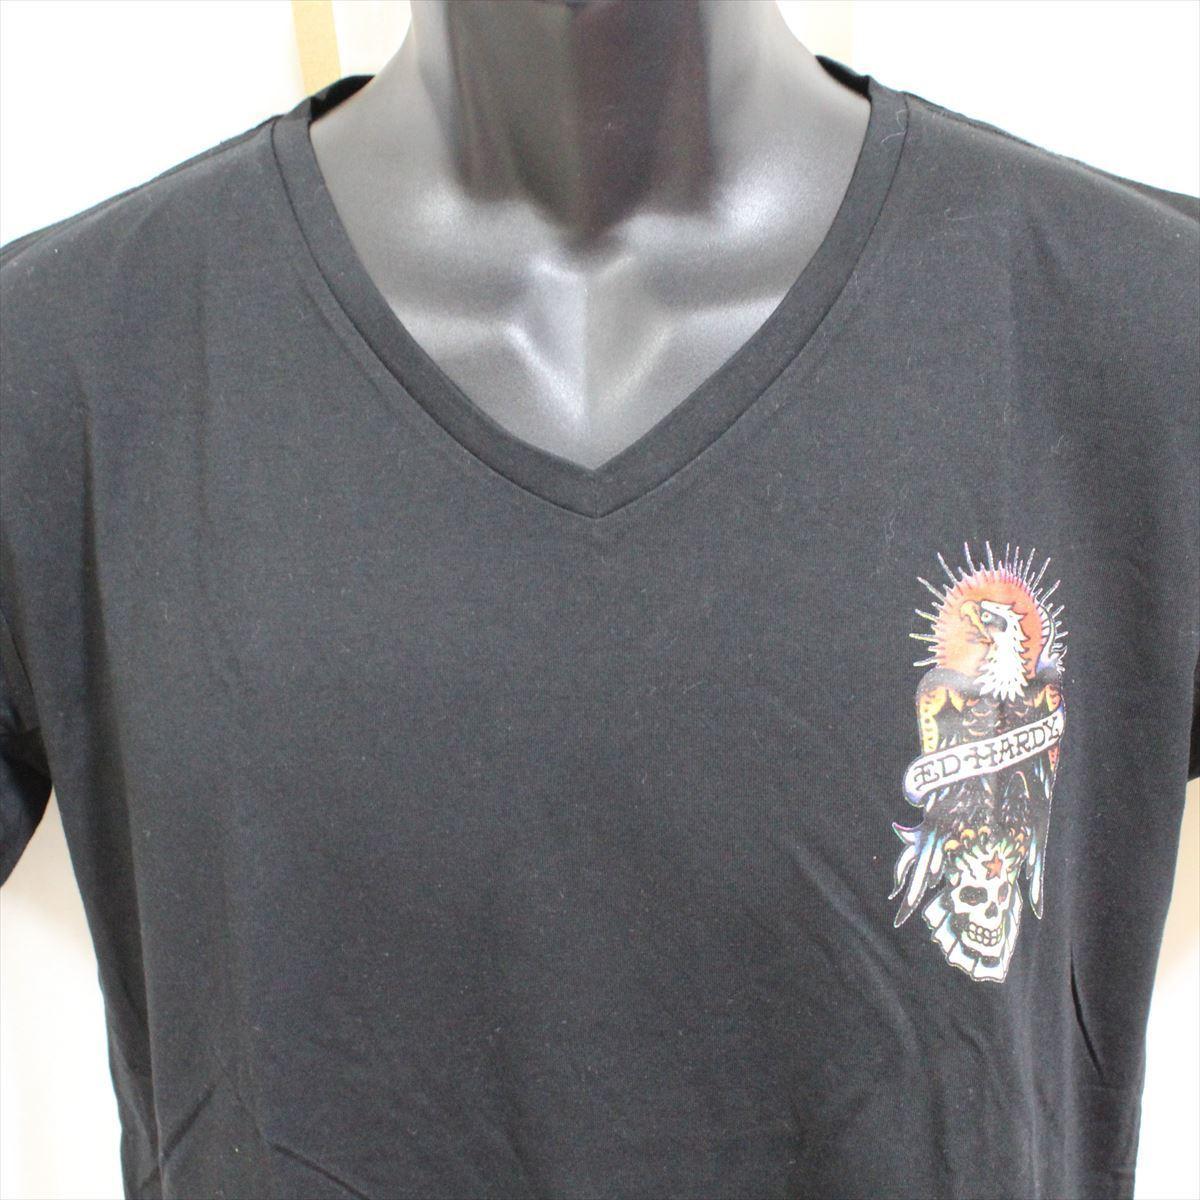 エドハーディー ED HARDY メンズ半袖Tシャツ M02CMV028 ブラック Lサイズ 新品 ドン・エド・ハーディー_画像2